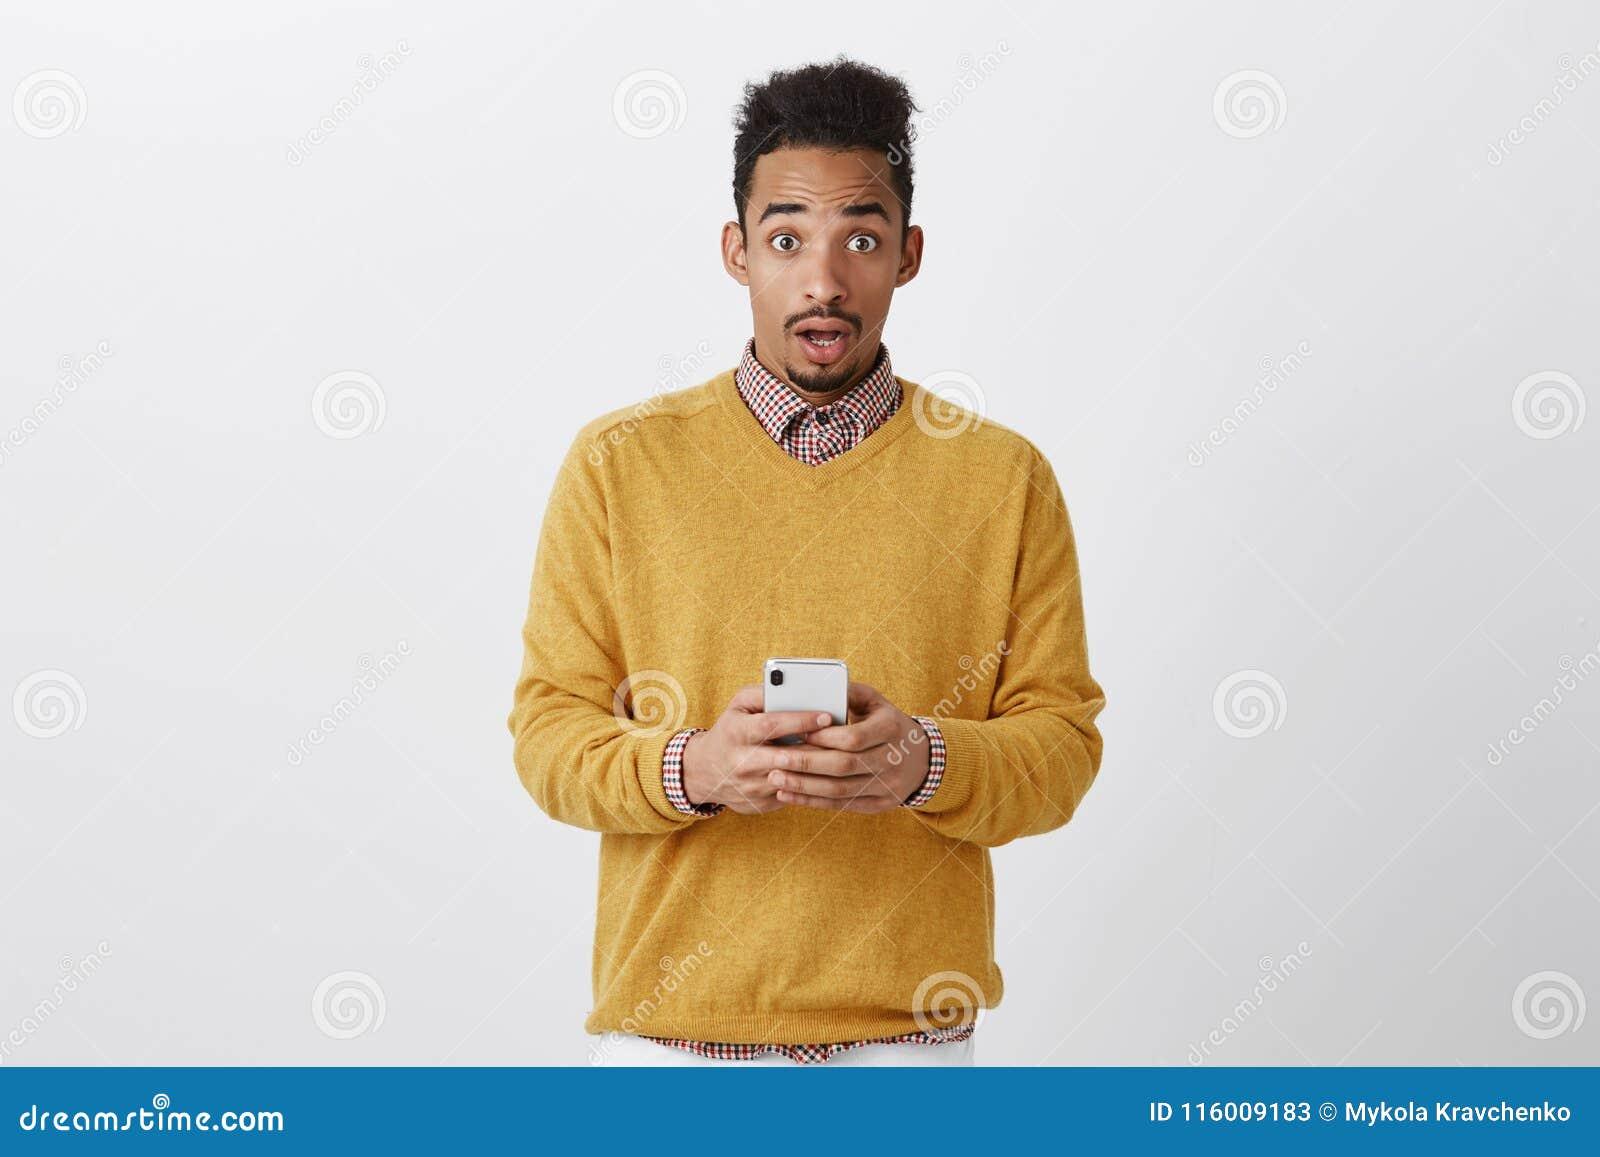 Someone próbujący siekać jego telefon Szokujący przystojny chłopak z afro fryzurą w modnym odzieżowym mienia smartphone